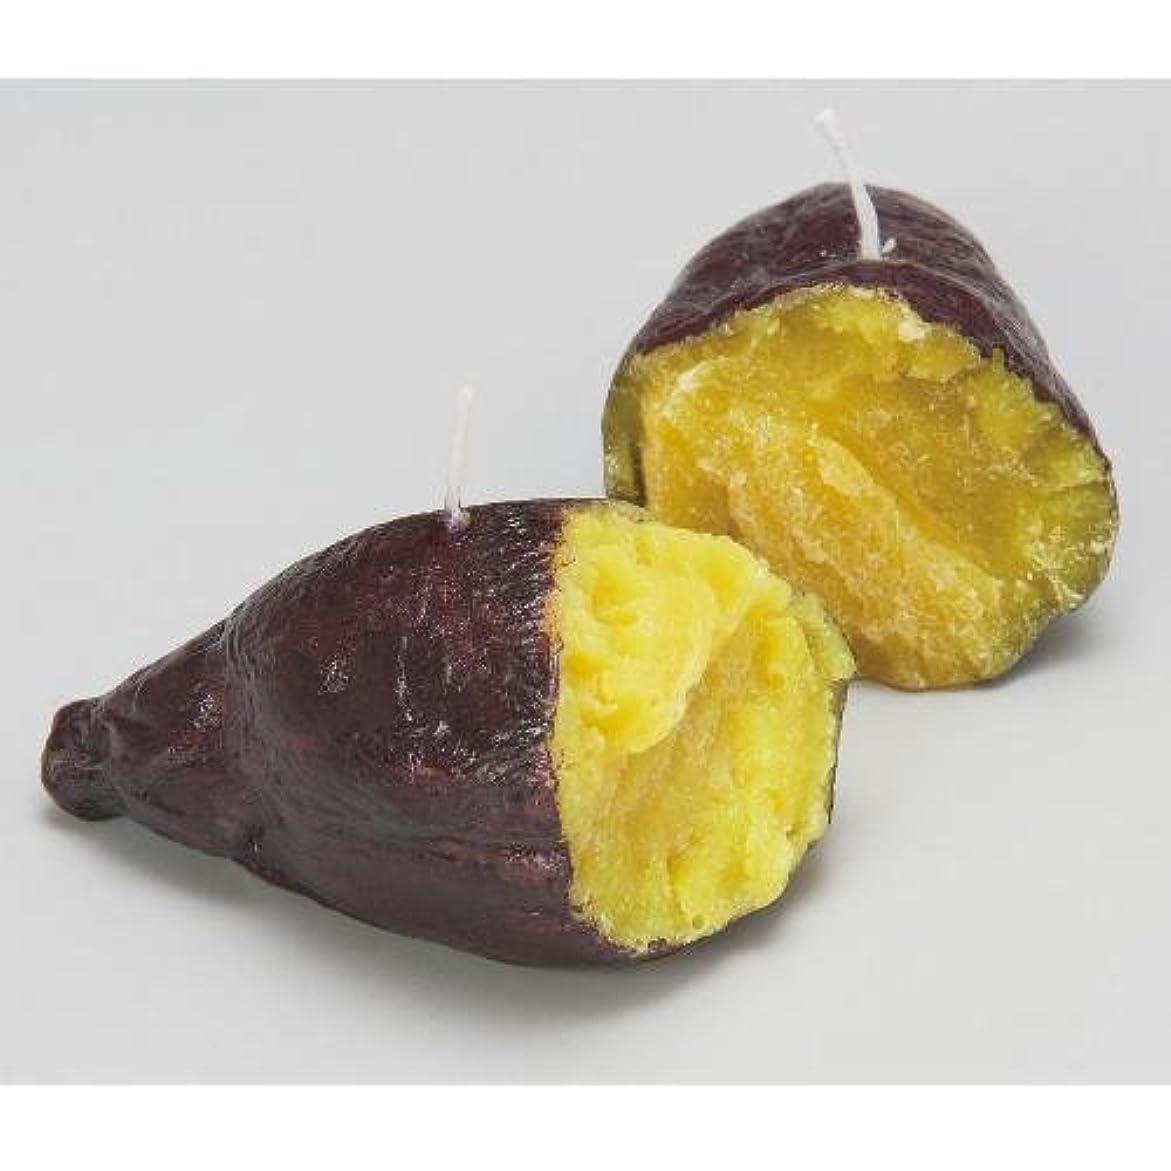 分析調停する見物人焼き芋キャンドル